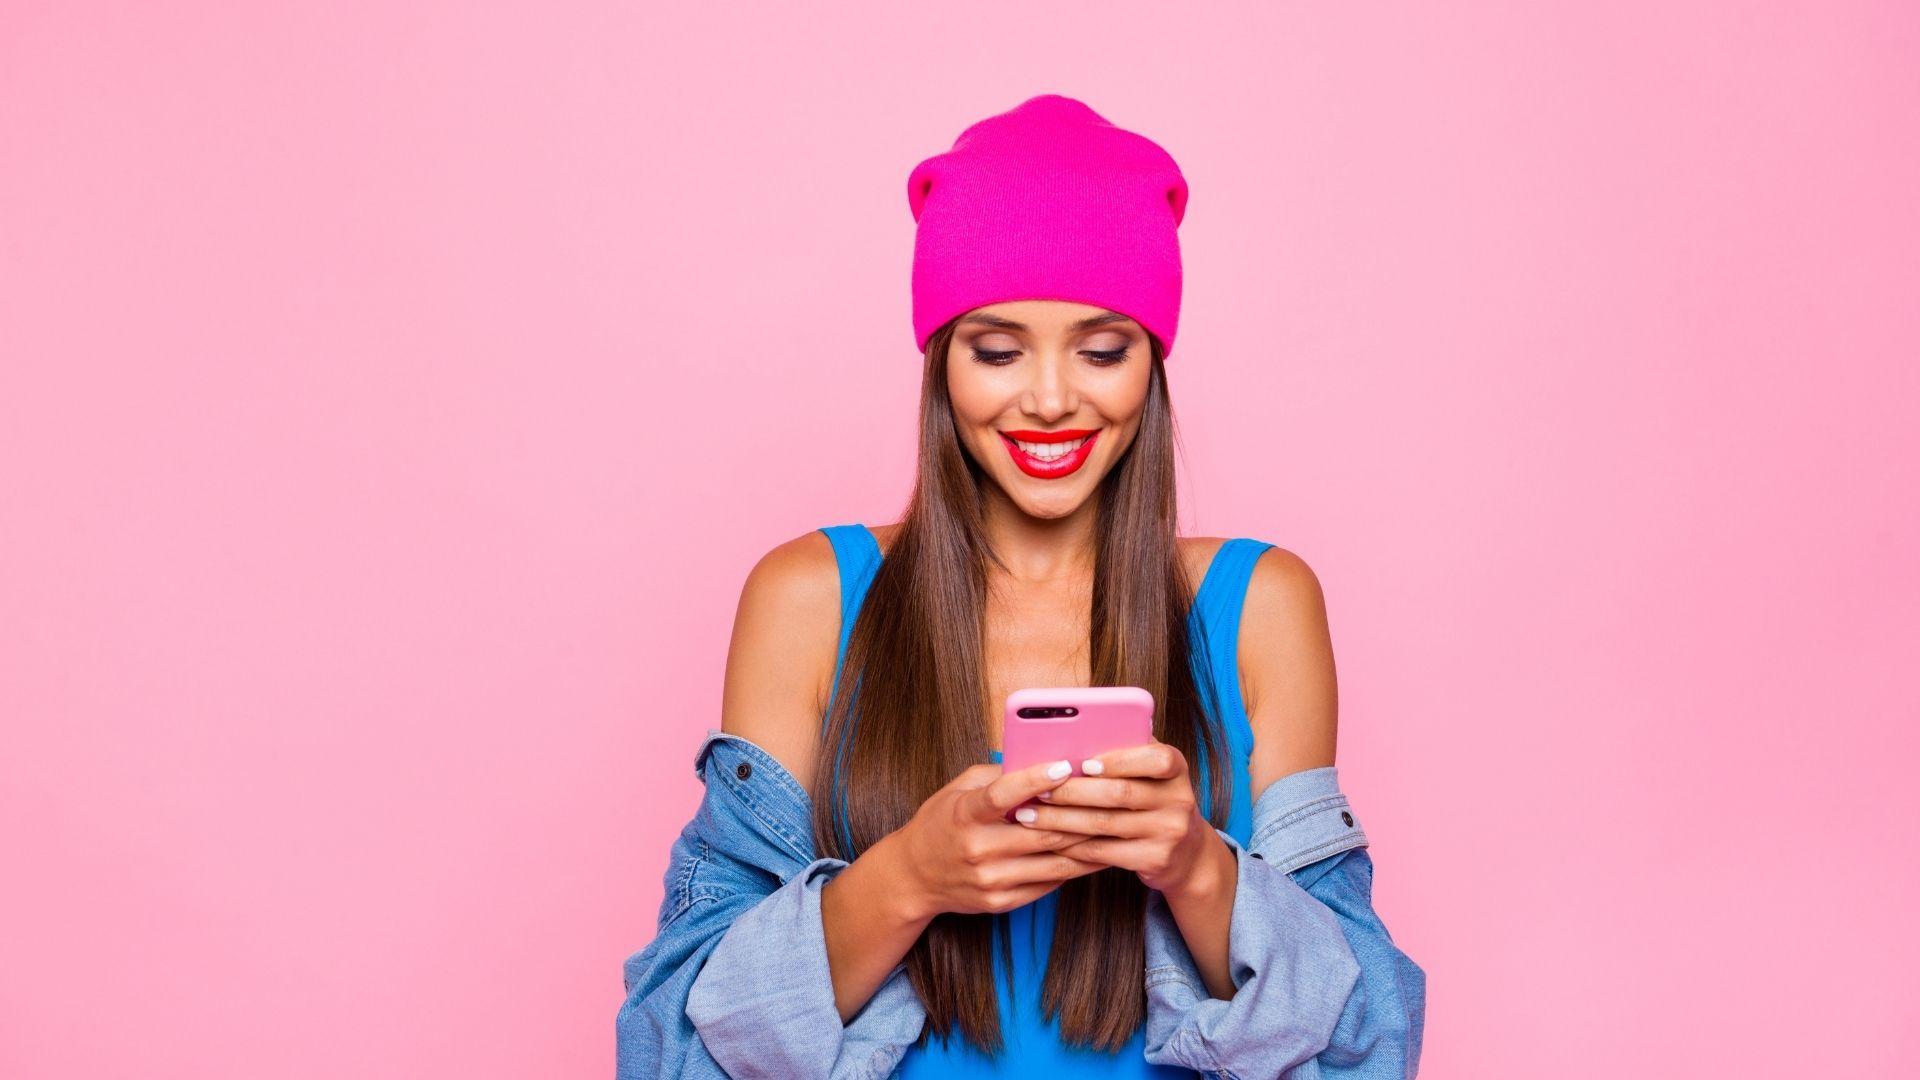 Instagram et publicités : les influenceurs soumis à rude épreuve